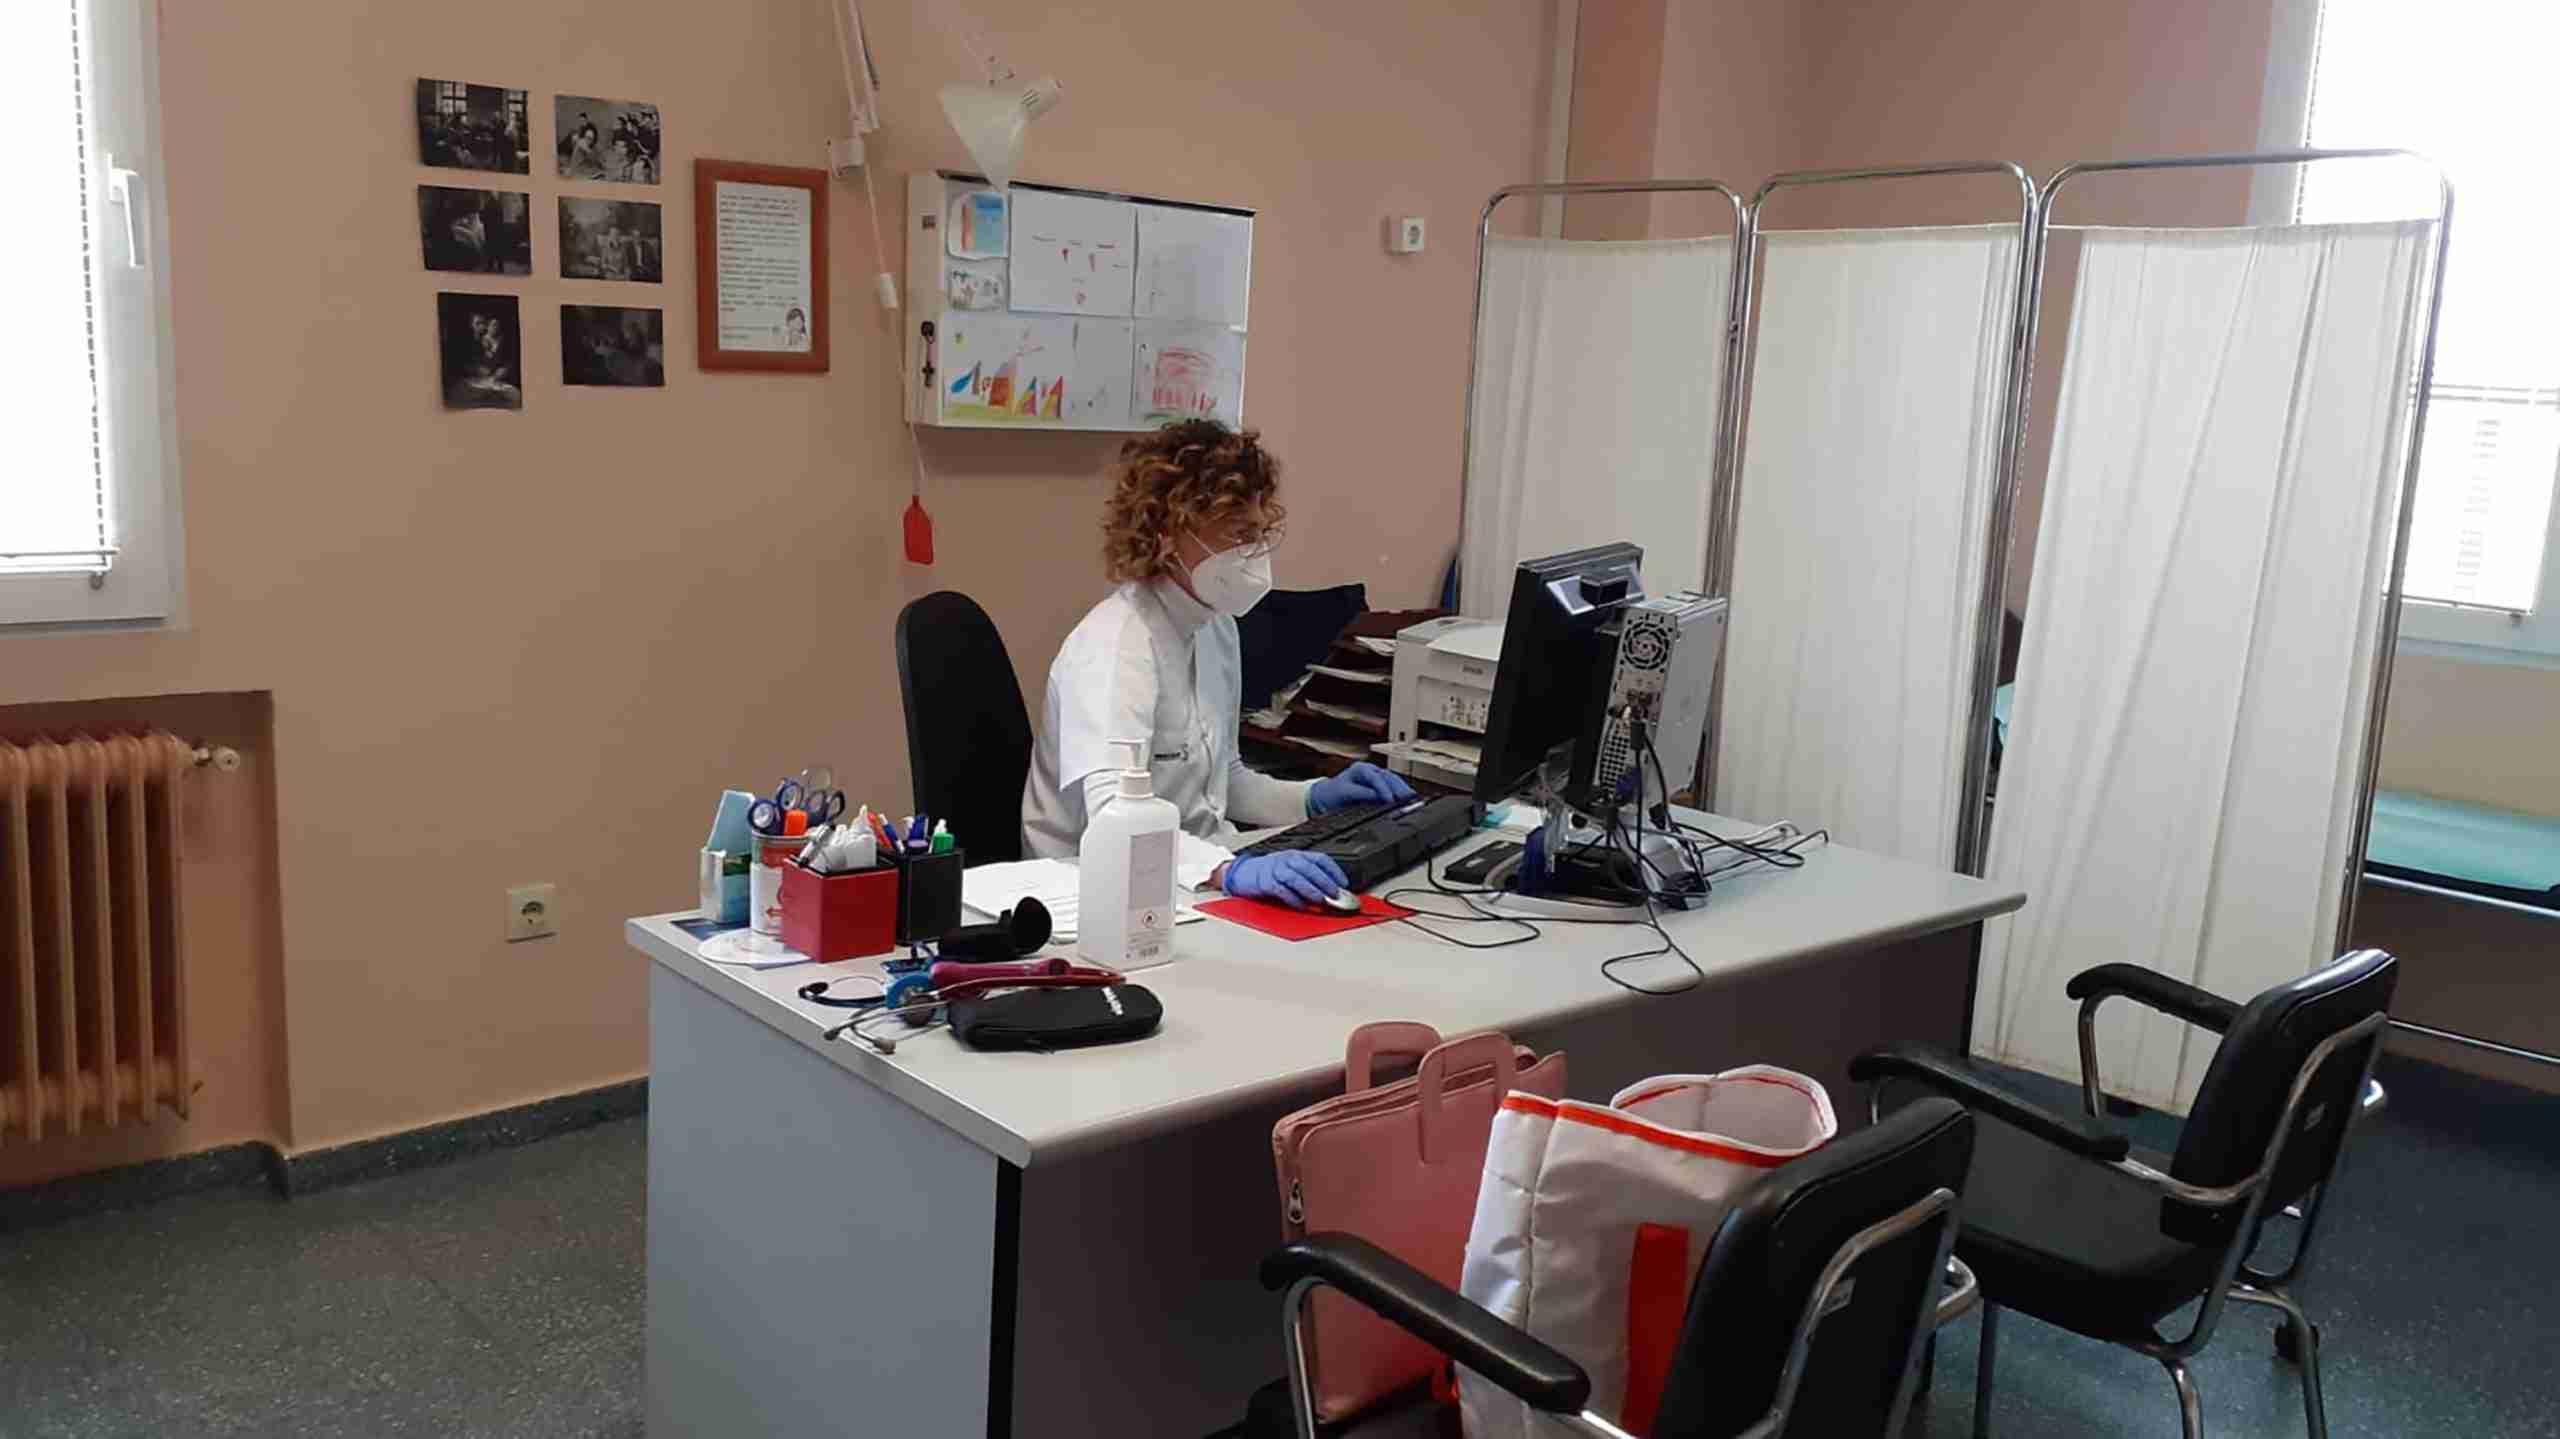 Centro de Salud Tomelloso 2 reabre hoy sus puertas para reforzar la atención sanitaria a los pacientes con coronavirus 6